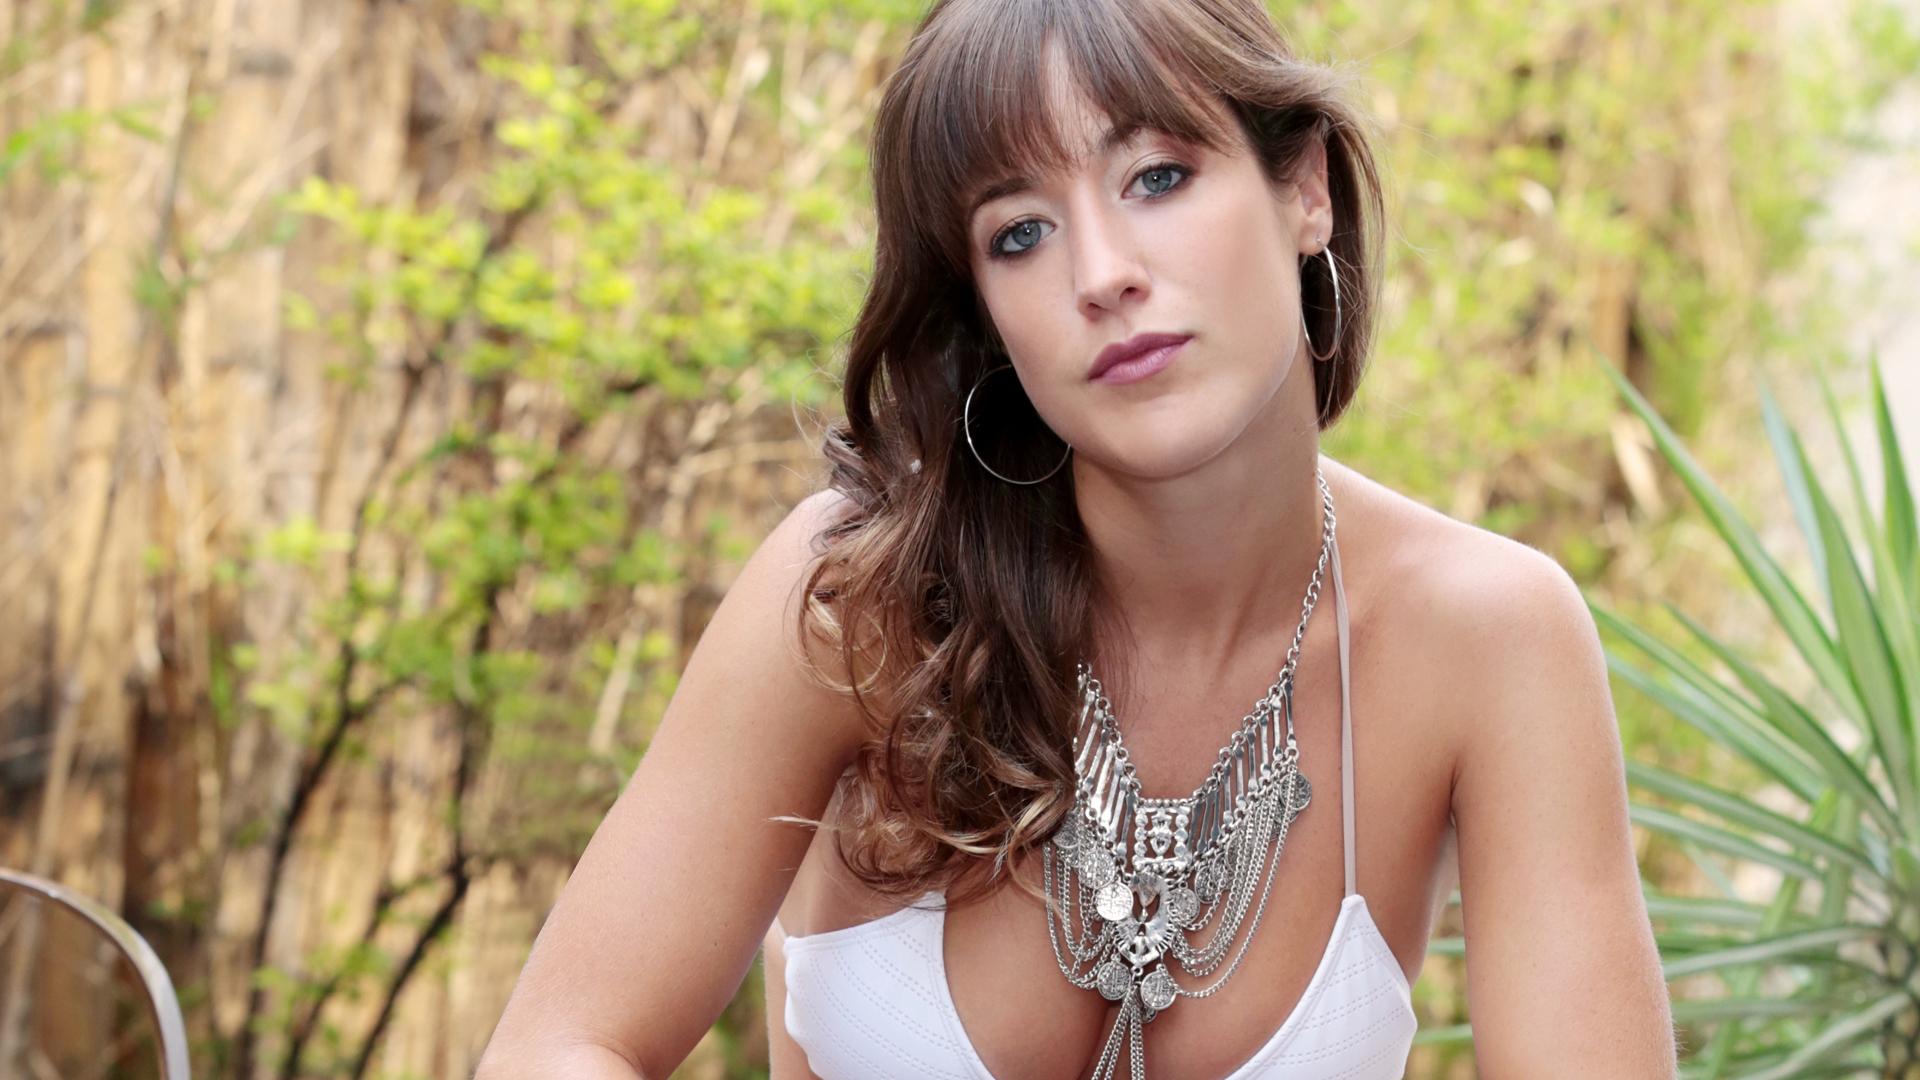 Las confesiones hot de Camila Salazar: juguetes sexuales, nudismo, autosatisfacción y fantasías con mujeres